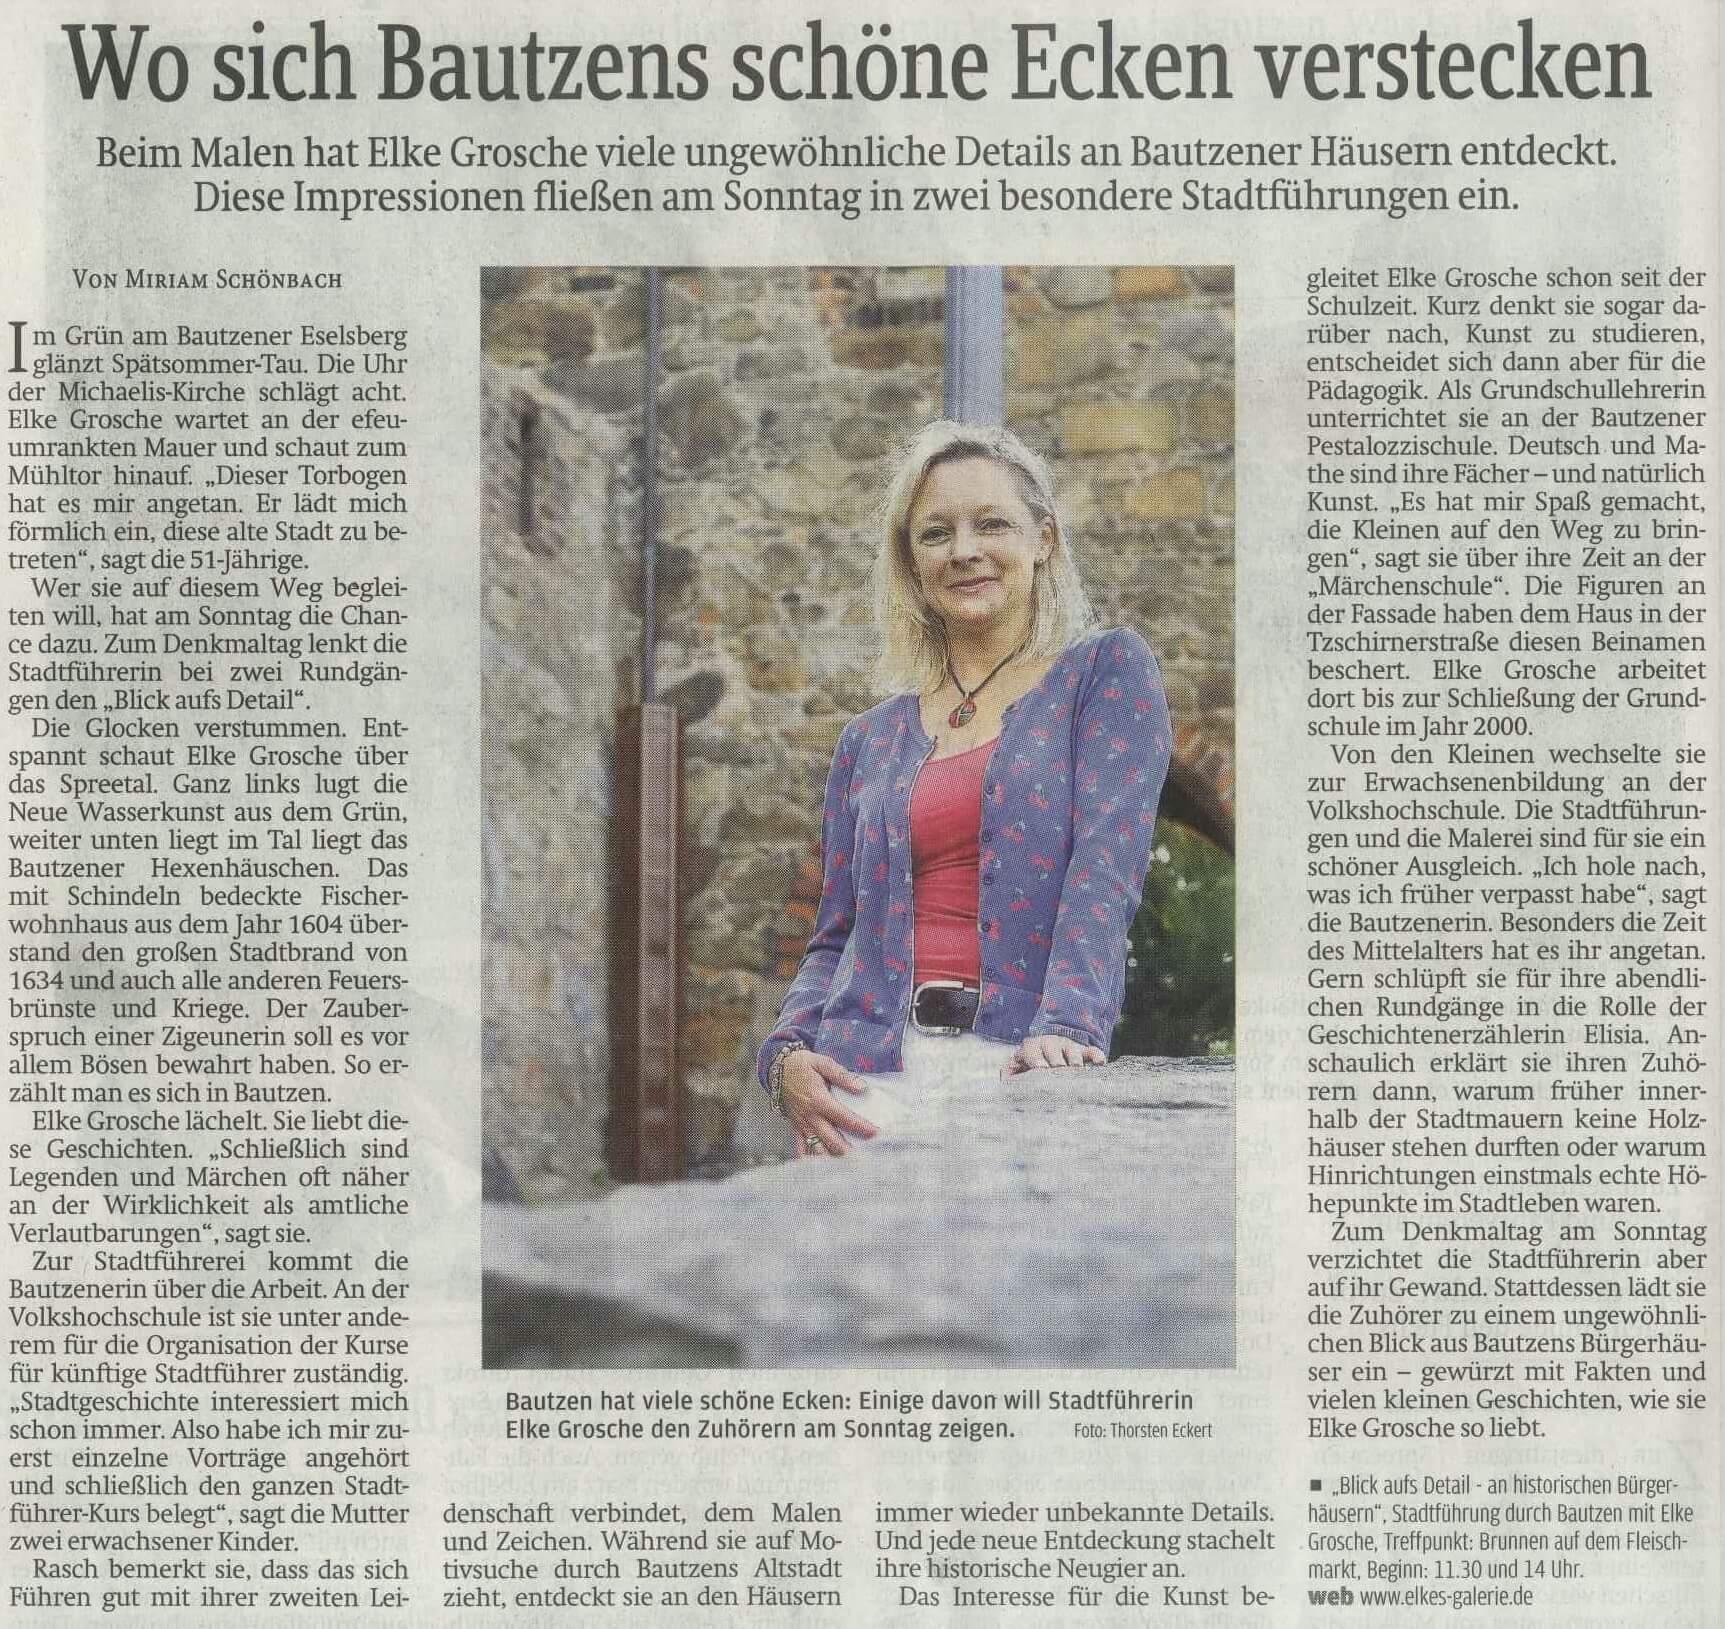 Wo sich Bautzens schöne Ecken verstecken_Sächsische Zeitung 06092012